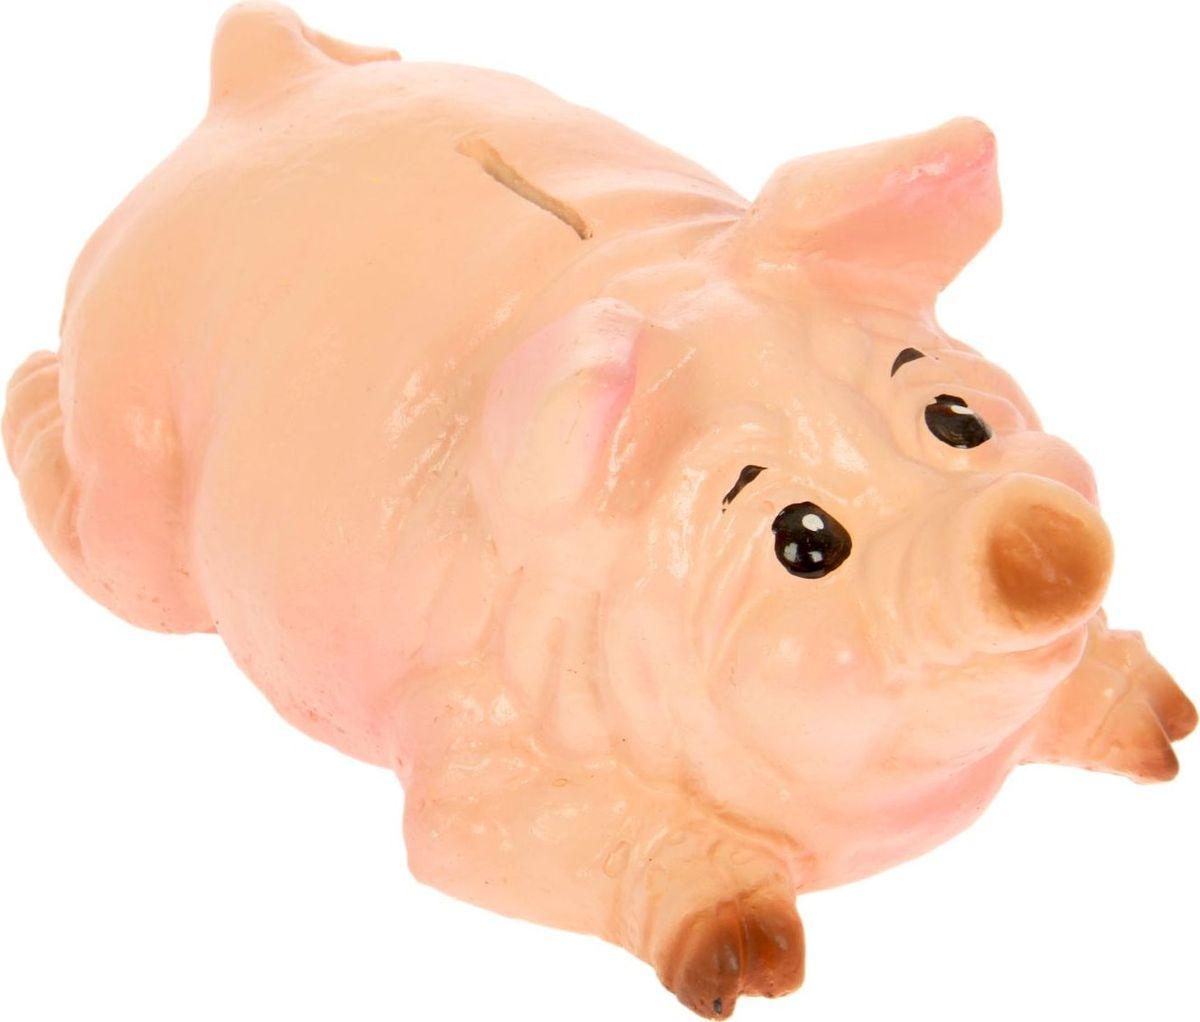 Копилка Свин лежит, 18 х 12 х 8 см168125Копилка-свинка символизирует растущее богатство. Она помогает сохранить те накопления, которые у вас уже имеются, и будет их постоянно пополнять. Желательно поставить её на видное место и положить рядом жёлудь. Пусть все подкармливают вашу хрюшку любыми монетами и даже бумажными купюрами, ведь это непривередливое животное. Не забывайте время от времени натирать ей пятачок - этот ритуал будет привлекать в дом крупные финансовые поступления.Обращаем ваше внимание, что копилка является одноразовой.